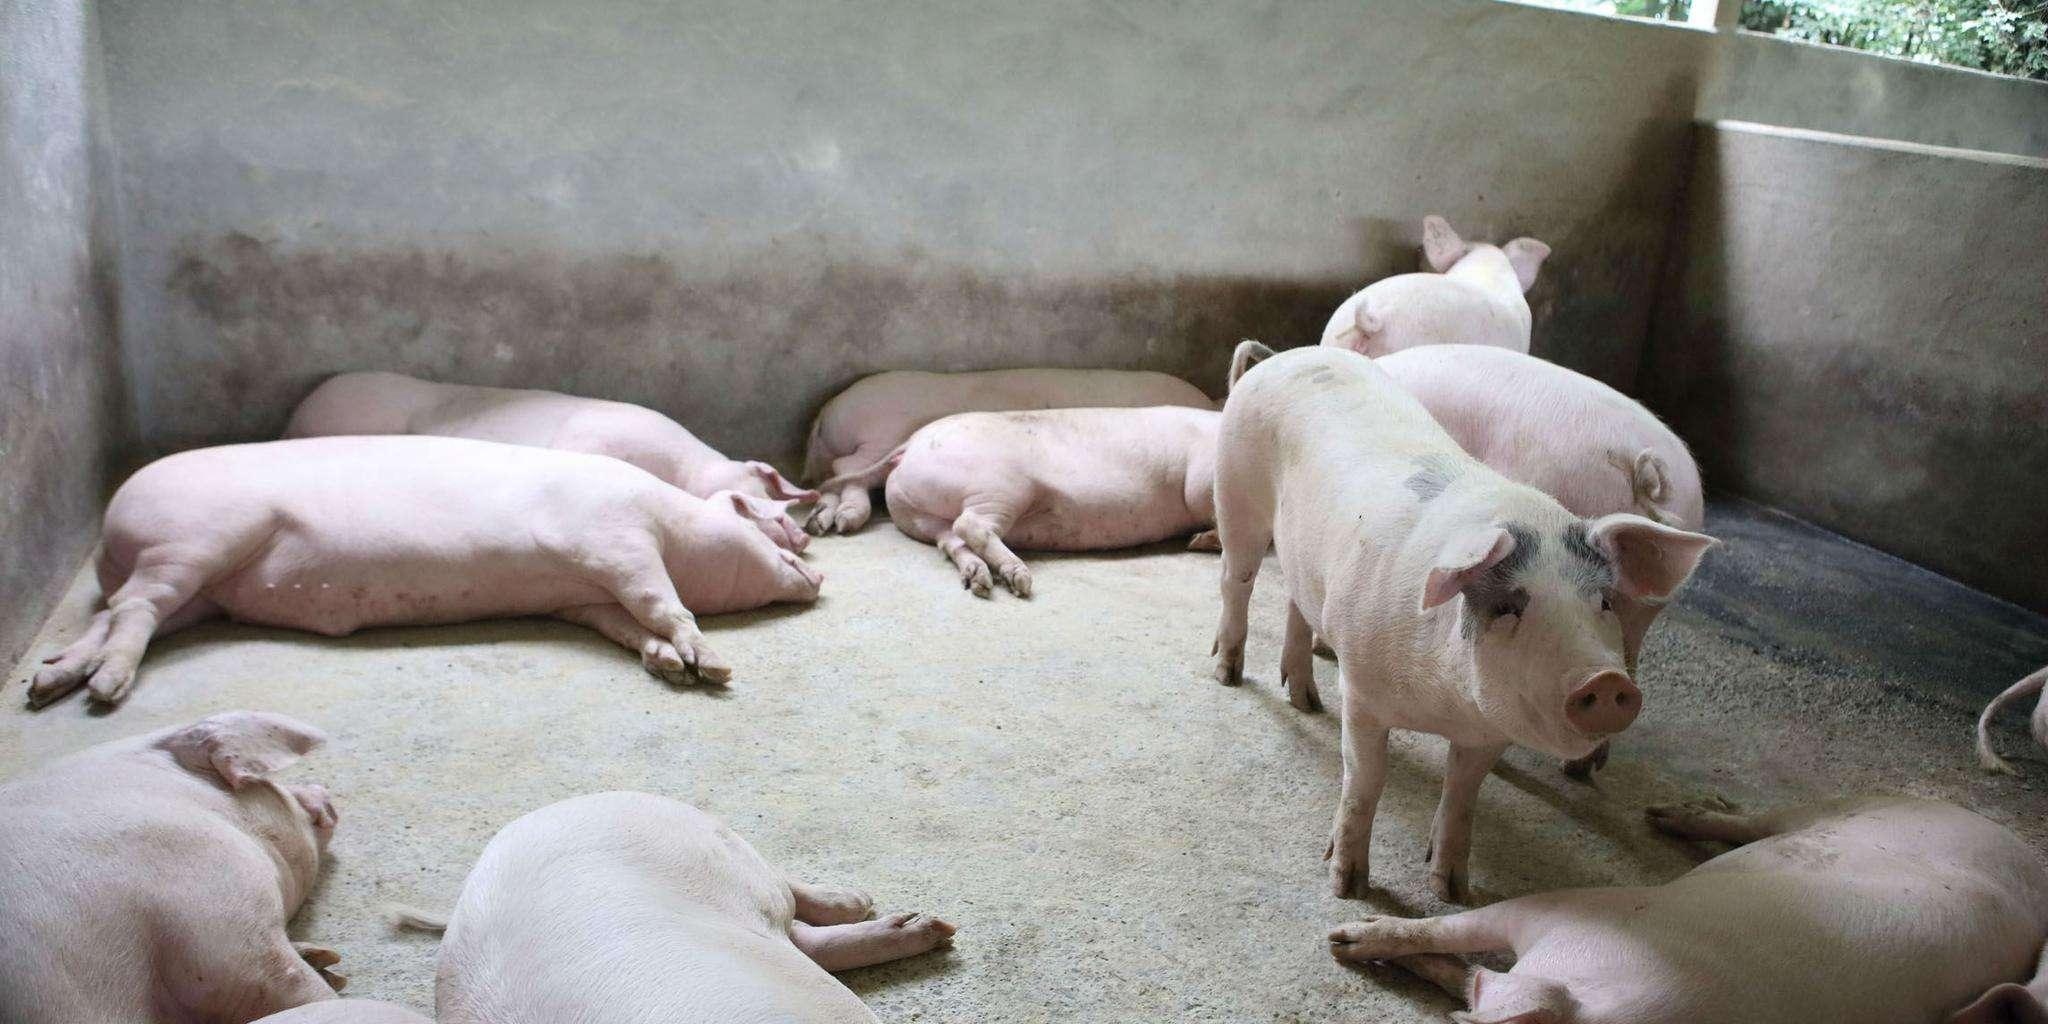 廣西相關部門回應豬肉安全問題:非洲豬瘟不會感染人